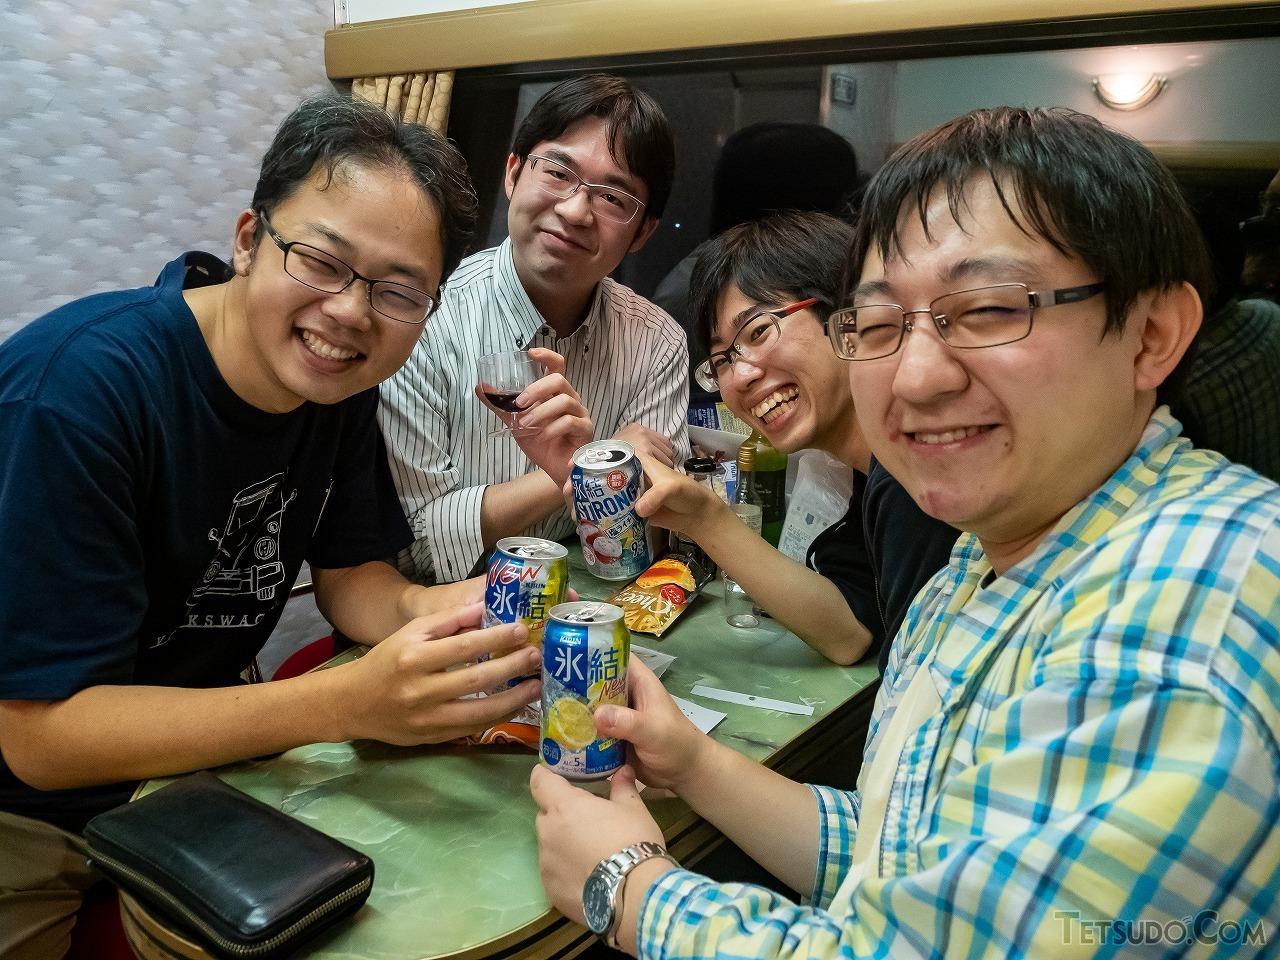 ラウンジで意気投合した4人。左の青年は京都から青春18きっぷで上京し参加したそう。「座席を向かい合わせにして横になって寝るのが夢でした」